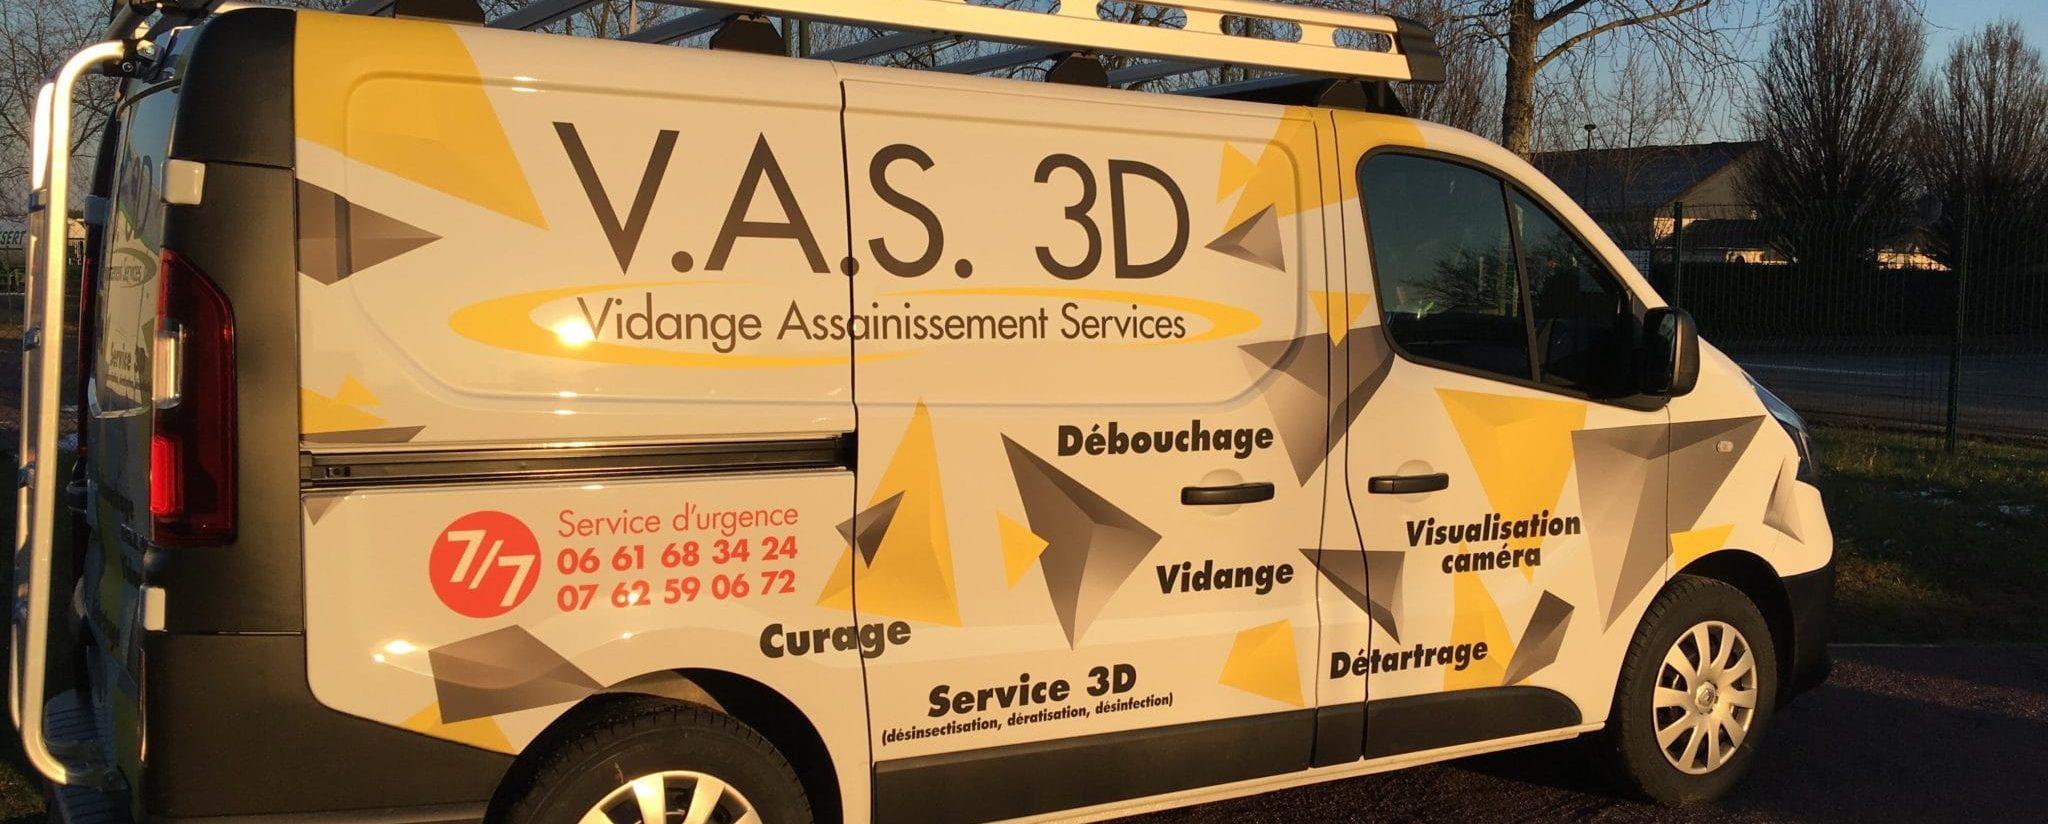 Nouveau covering pour les véhicules de V.A.S 3D